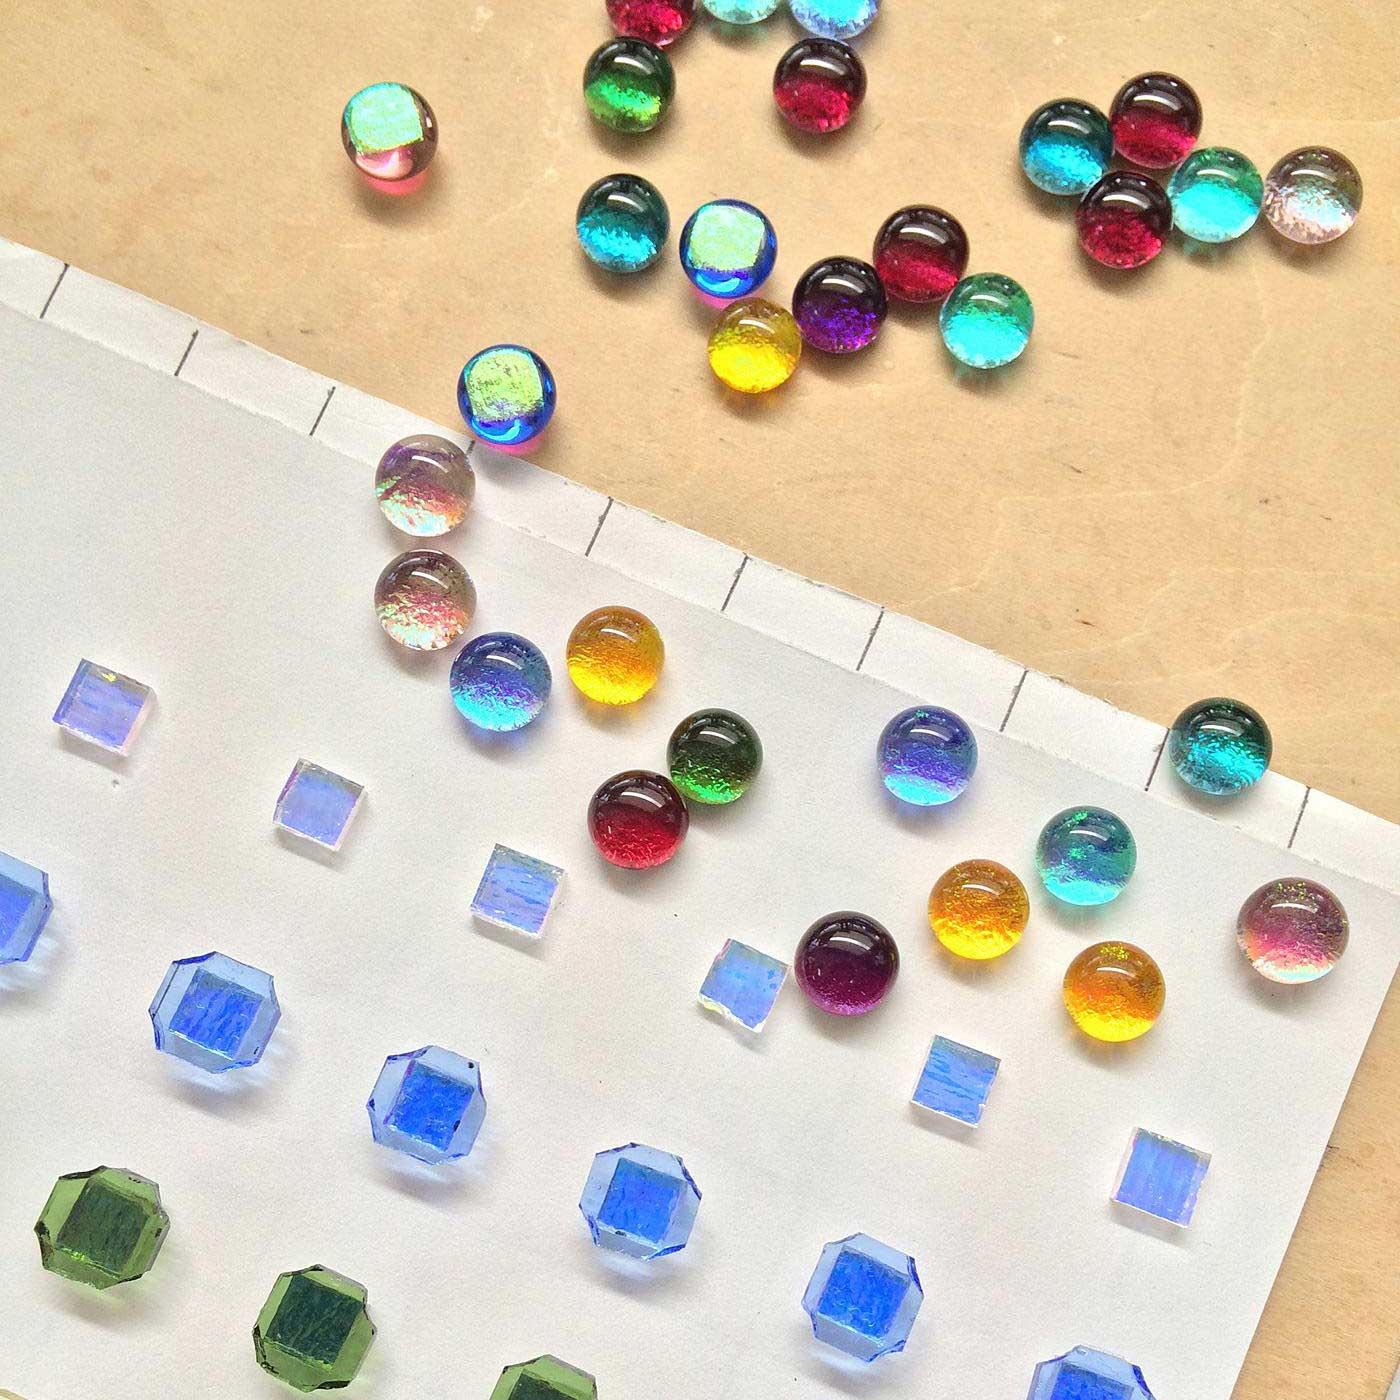 焼成前の角ばったガラス(手前)と、焼成後のころんとした丸いガラス(奥)。焼成(しょうせい)前のガラスは、きれいな丸い形に仕上がるように、角はカットされています。